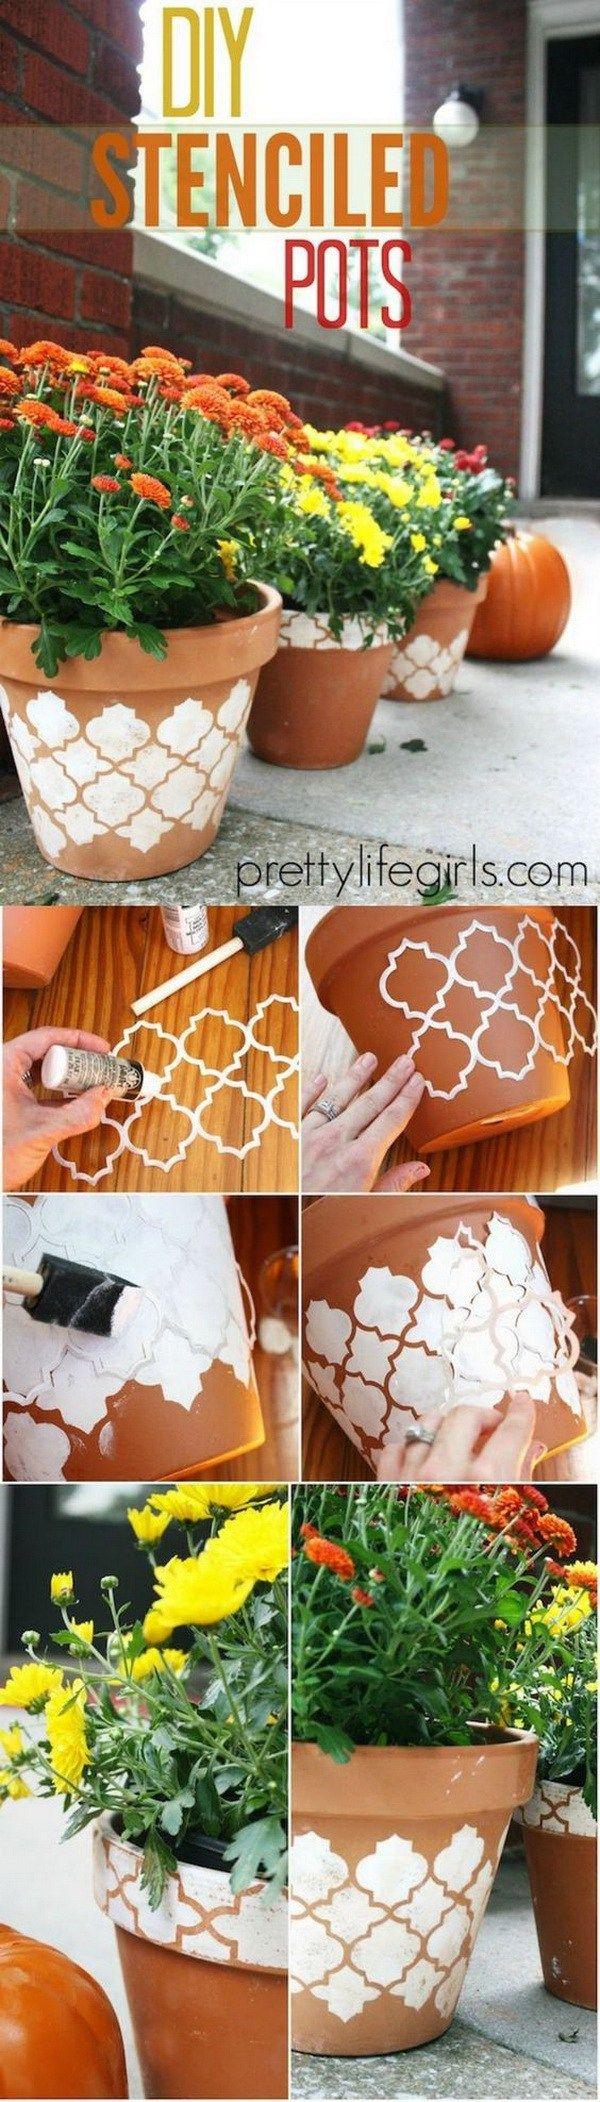 Dale más estilo a las macetas con estos patrones